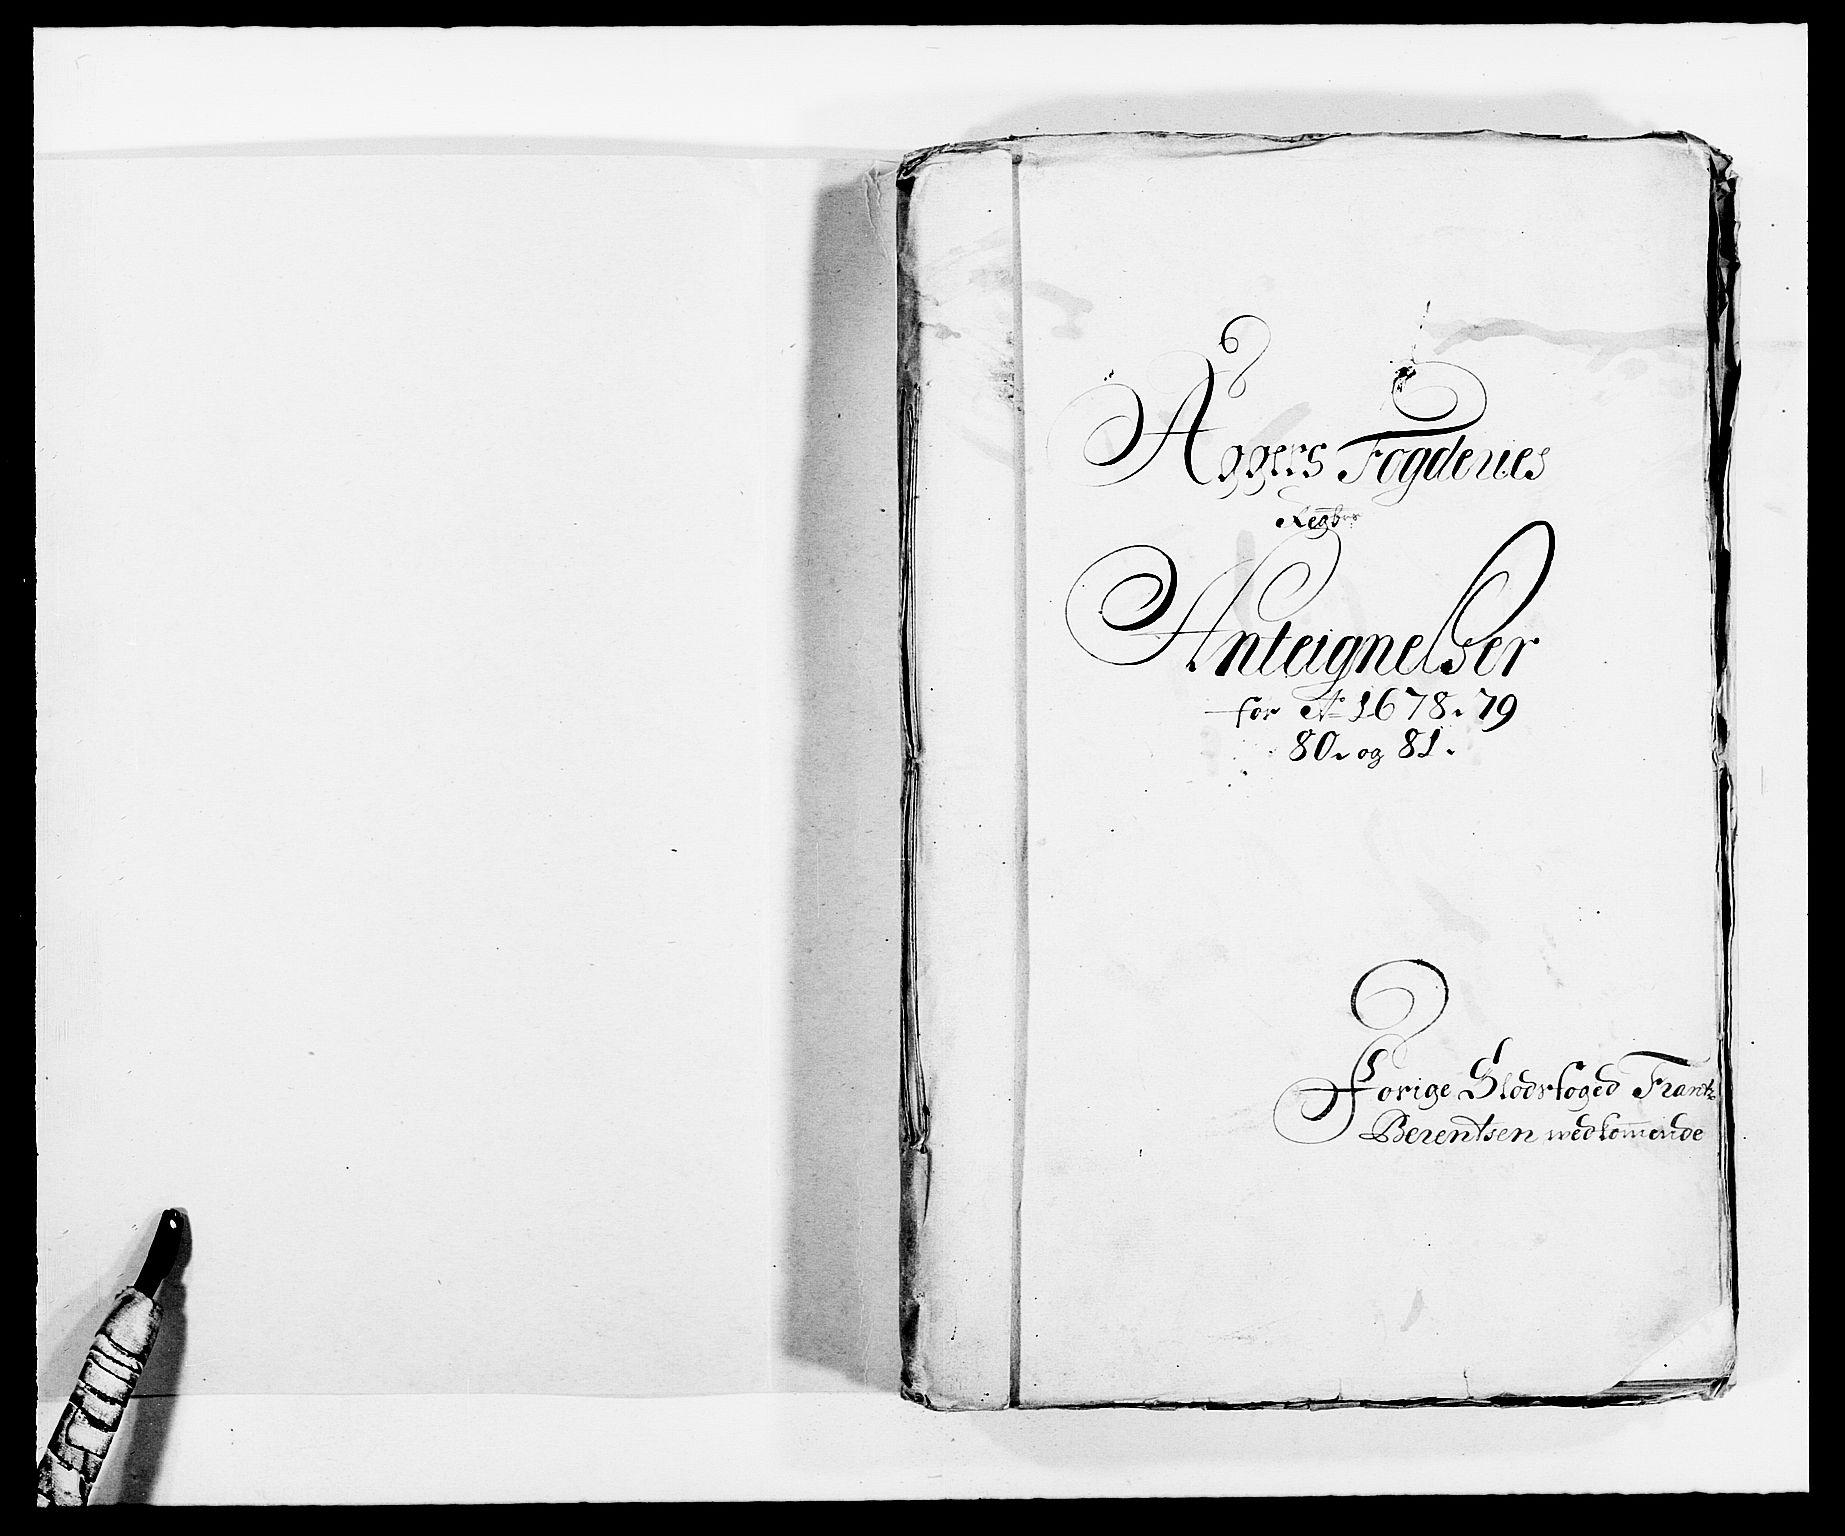 RA, Rentekammeret inntil 1814, Reviderte regnskaper, Fogderegnskap, R08/L0419: Fogderegnskap Aker, 1678-1681, s. 2